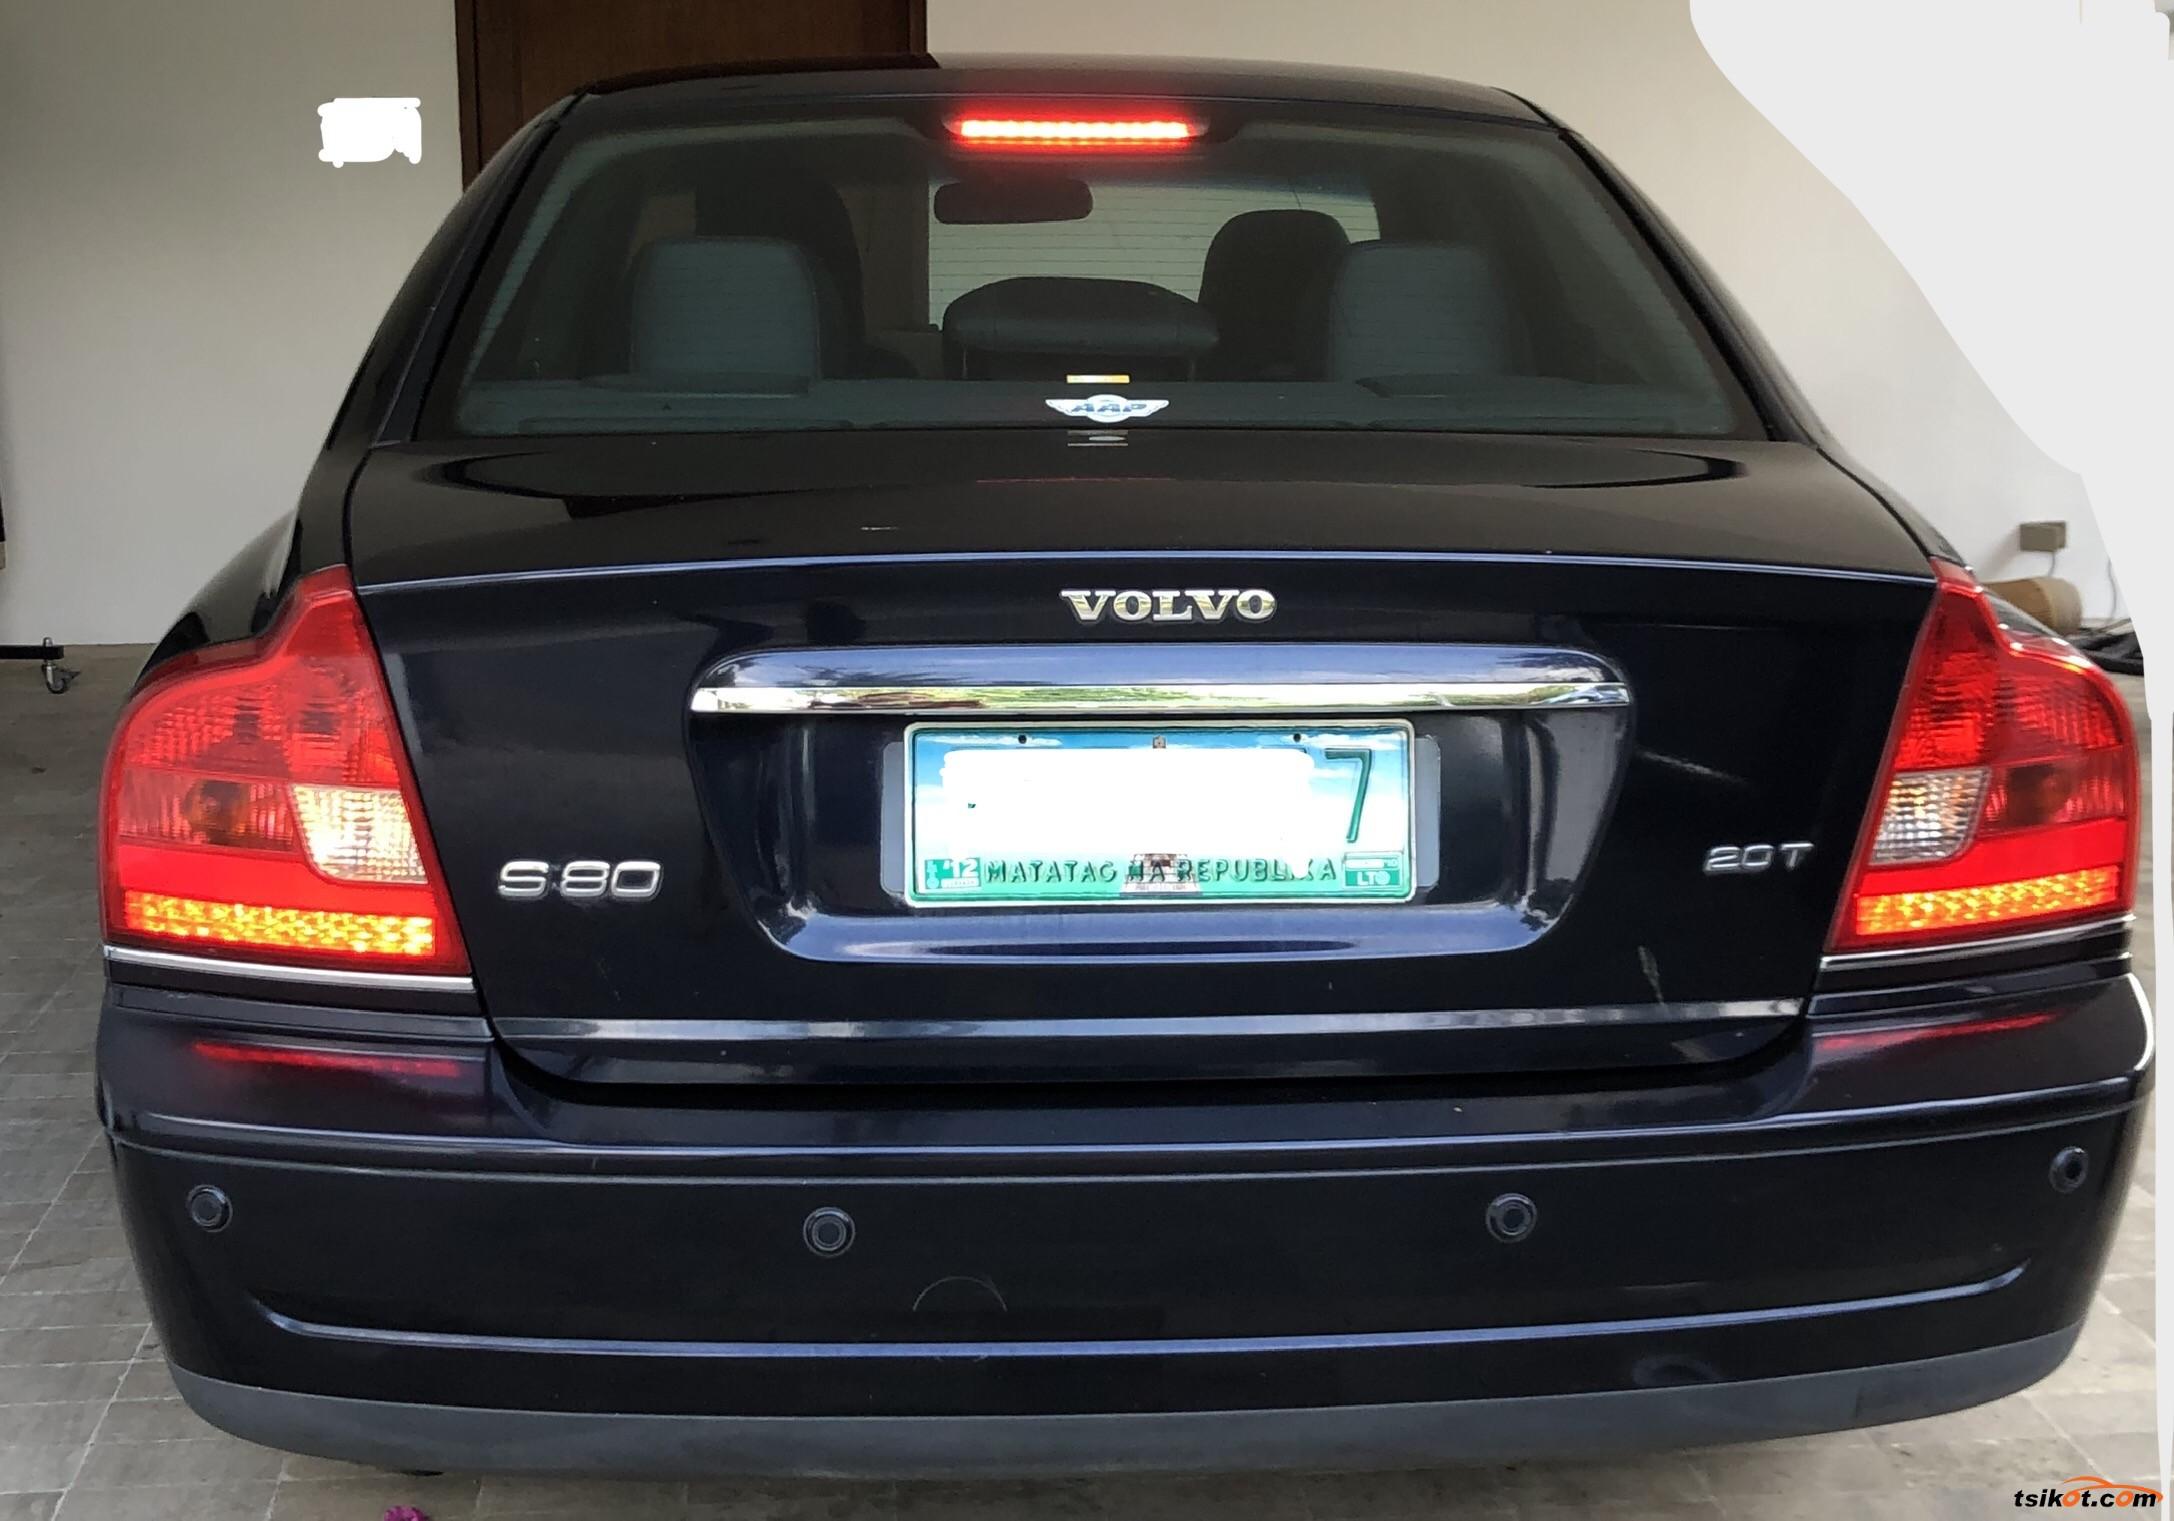 Volvo S80 2006 - 4